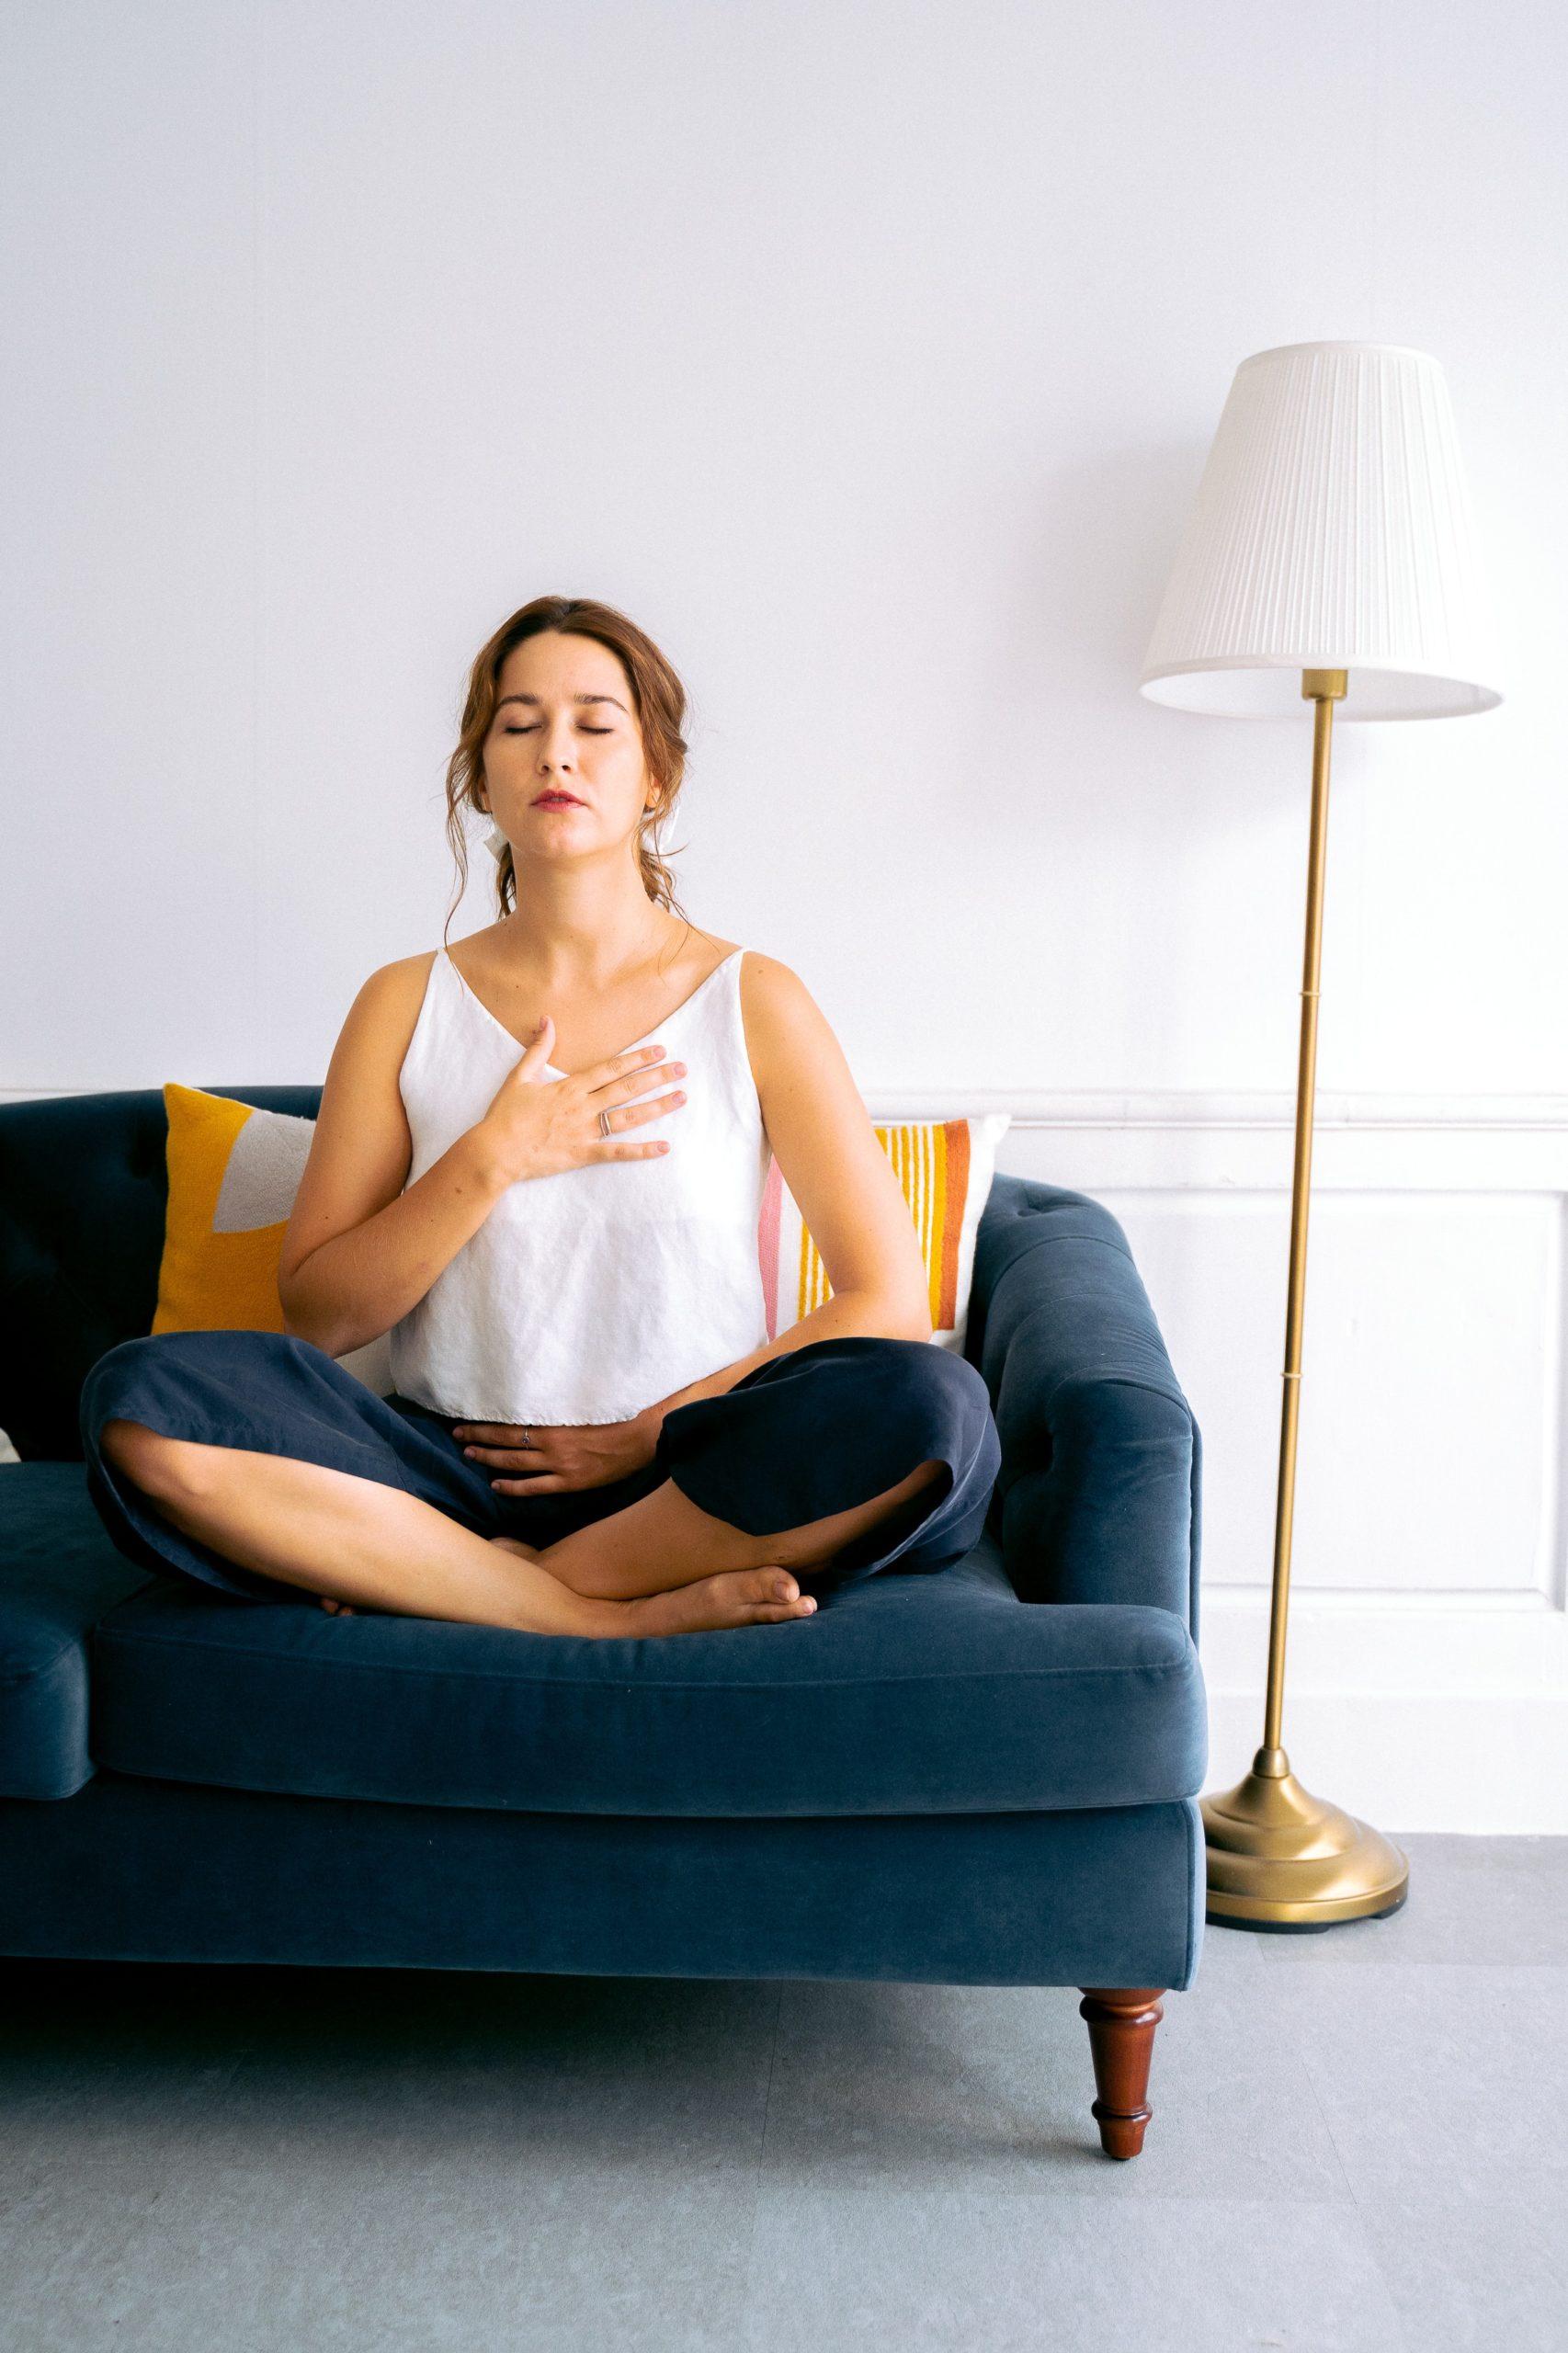 bien-etre-sérénité-relaxation-sophrologie-stress-anxiété-la-respiration (15)